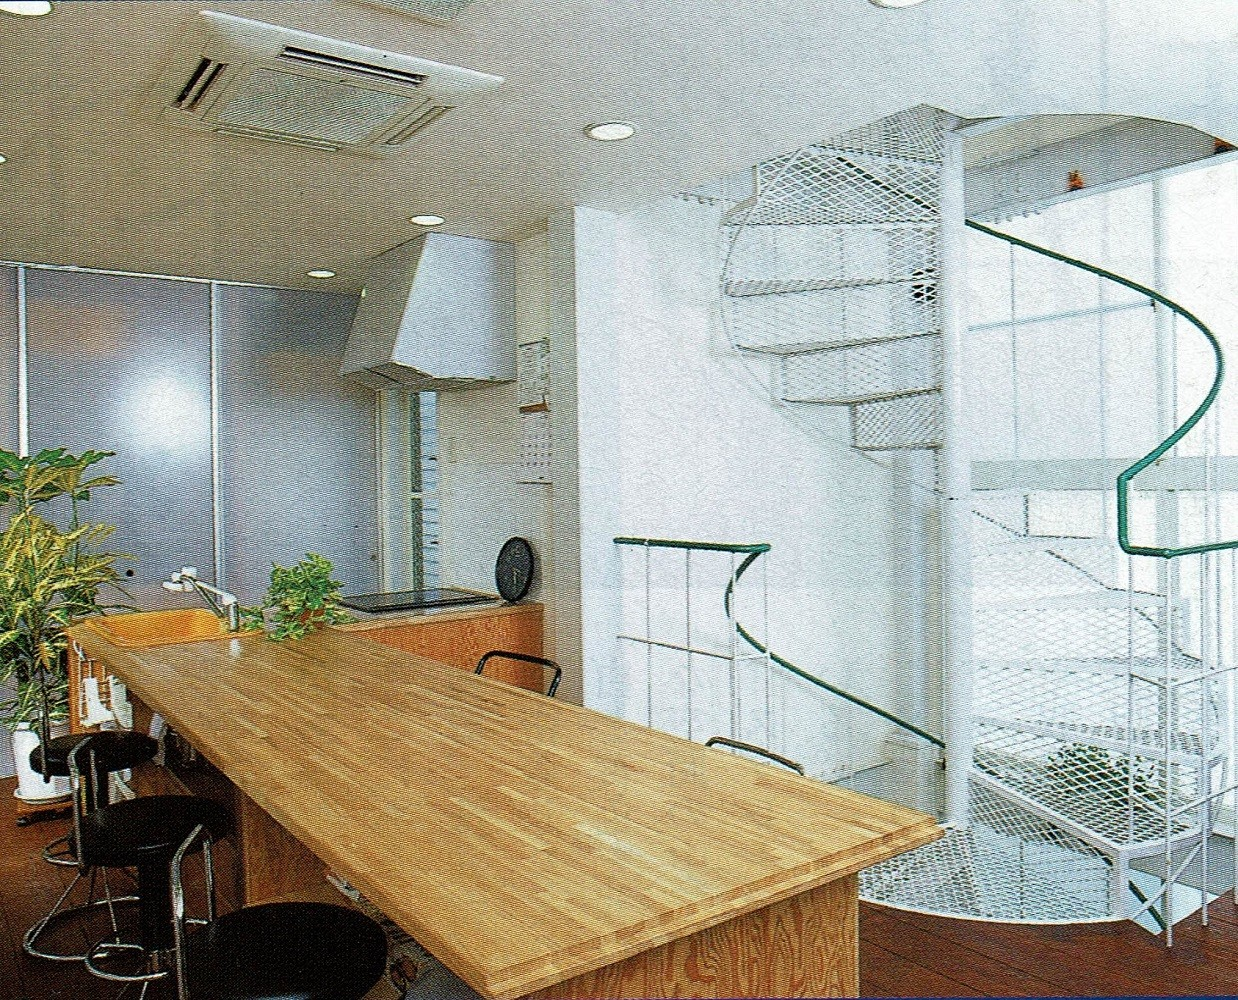 キッチン事例:2階:ダイニング~キッチン~階段室(広く魅せる工夫を凝らす狭小住宅:鉄骨構造の小さい住宅)